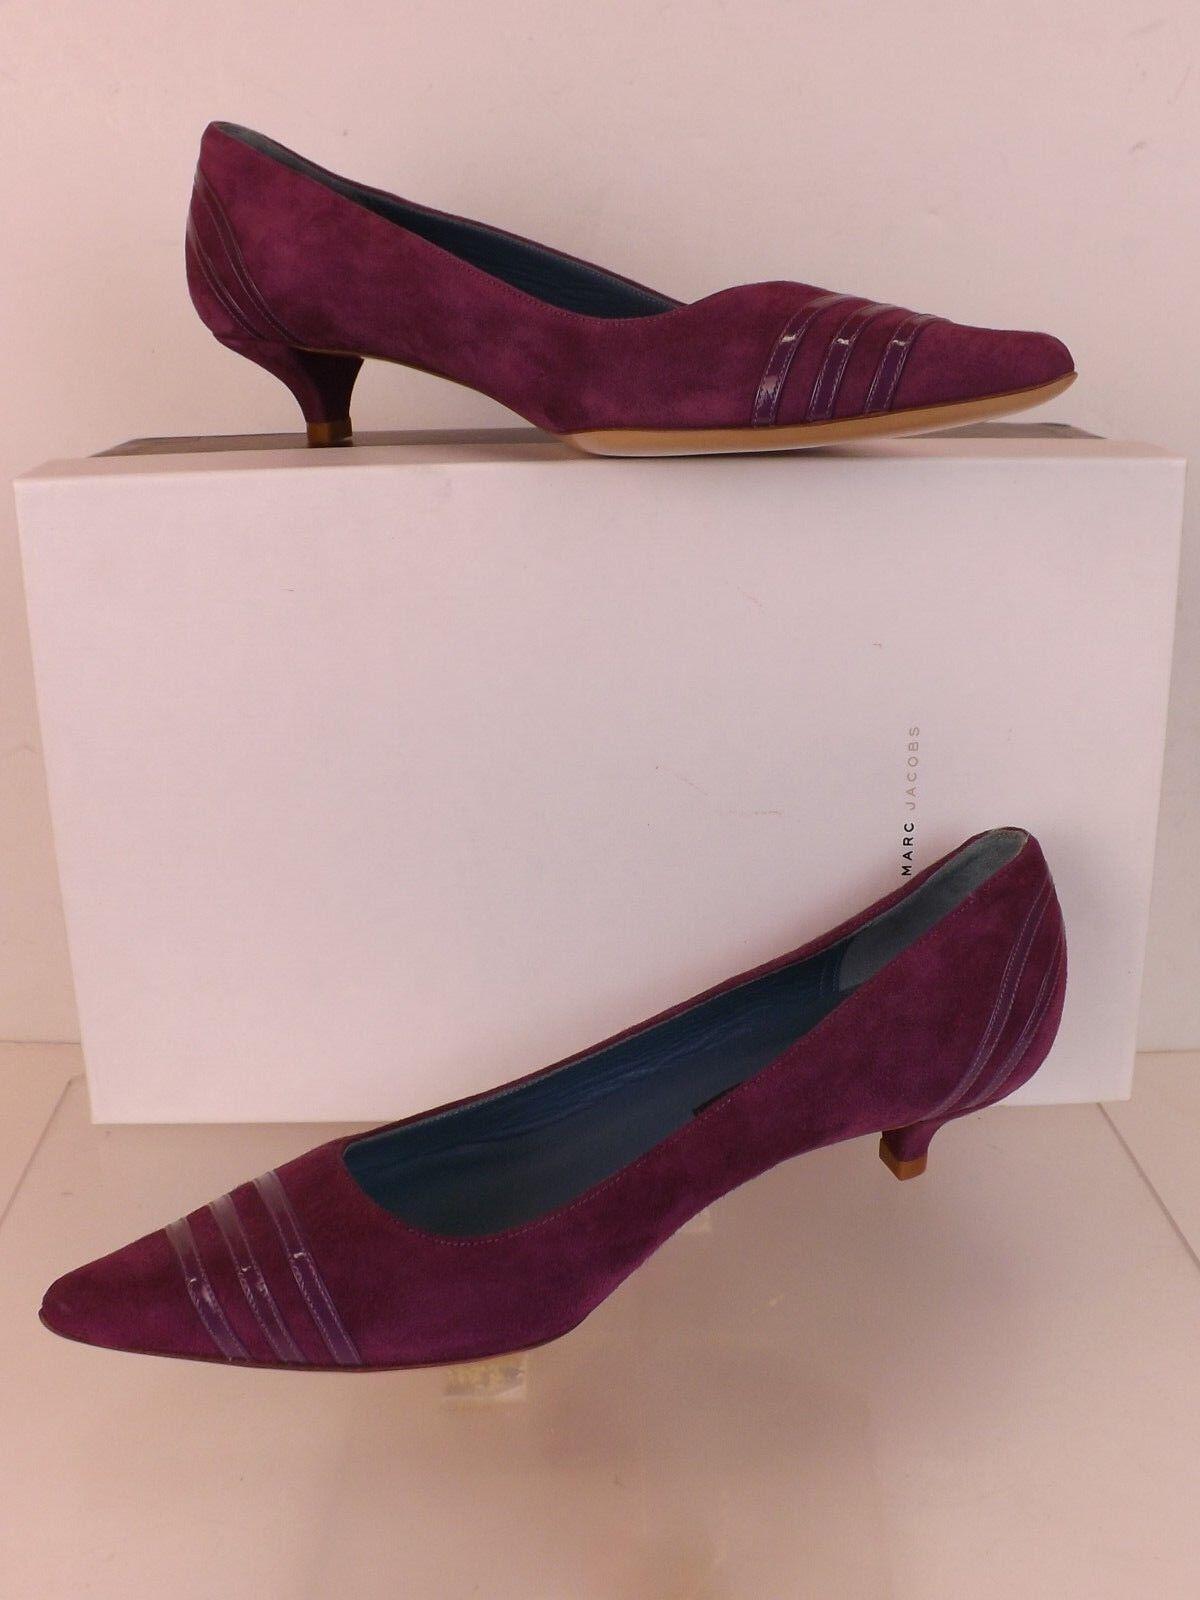 Nuevo Marc Jacobs púrpura en Punta de Gamuza Gamuza Gamuza Tacón Gatito Zapatos De Salón 37 Italia  tiendas minoristas